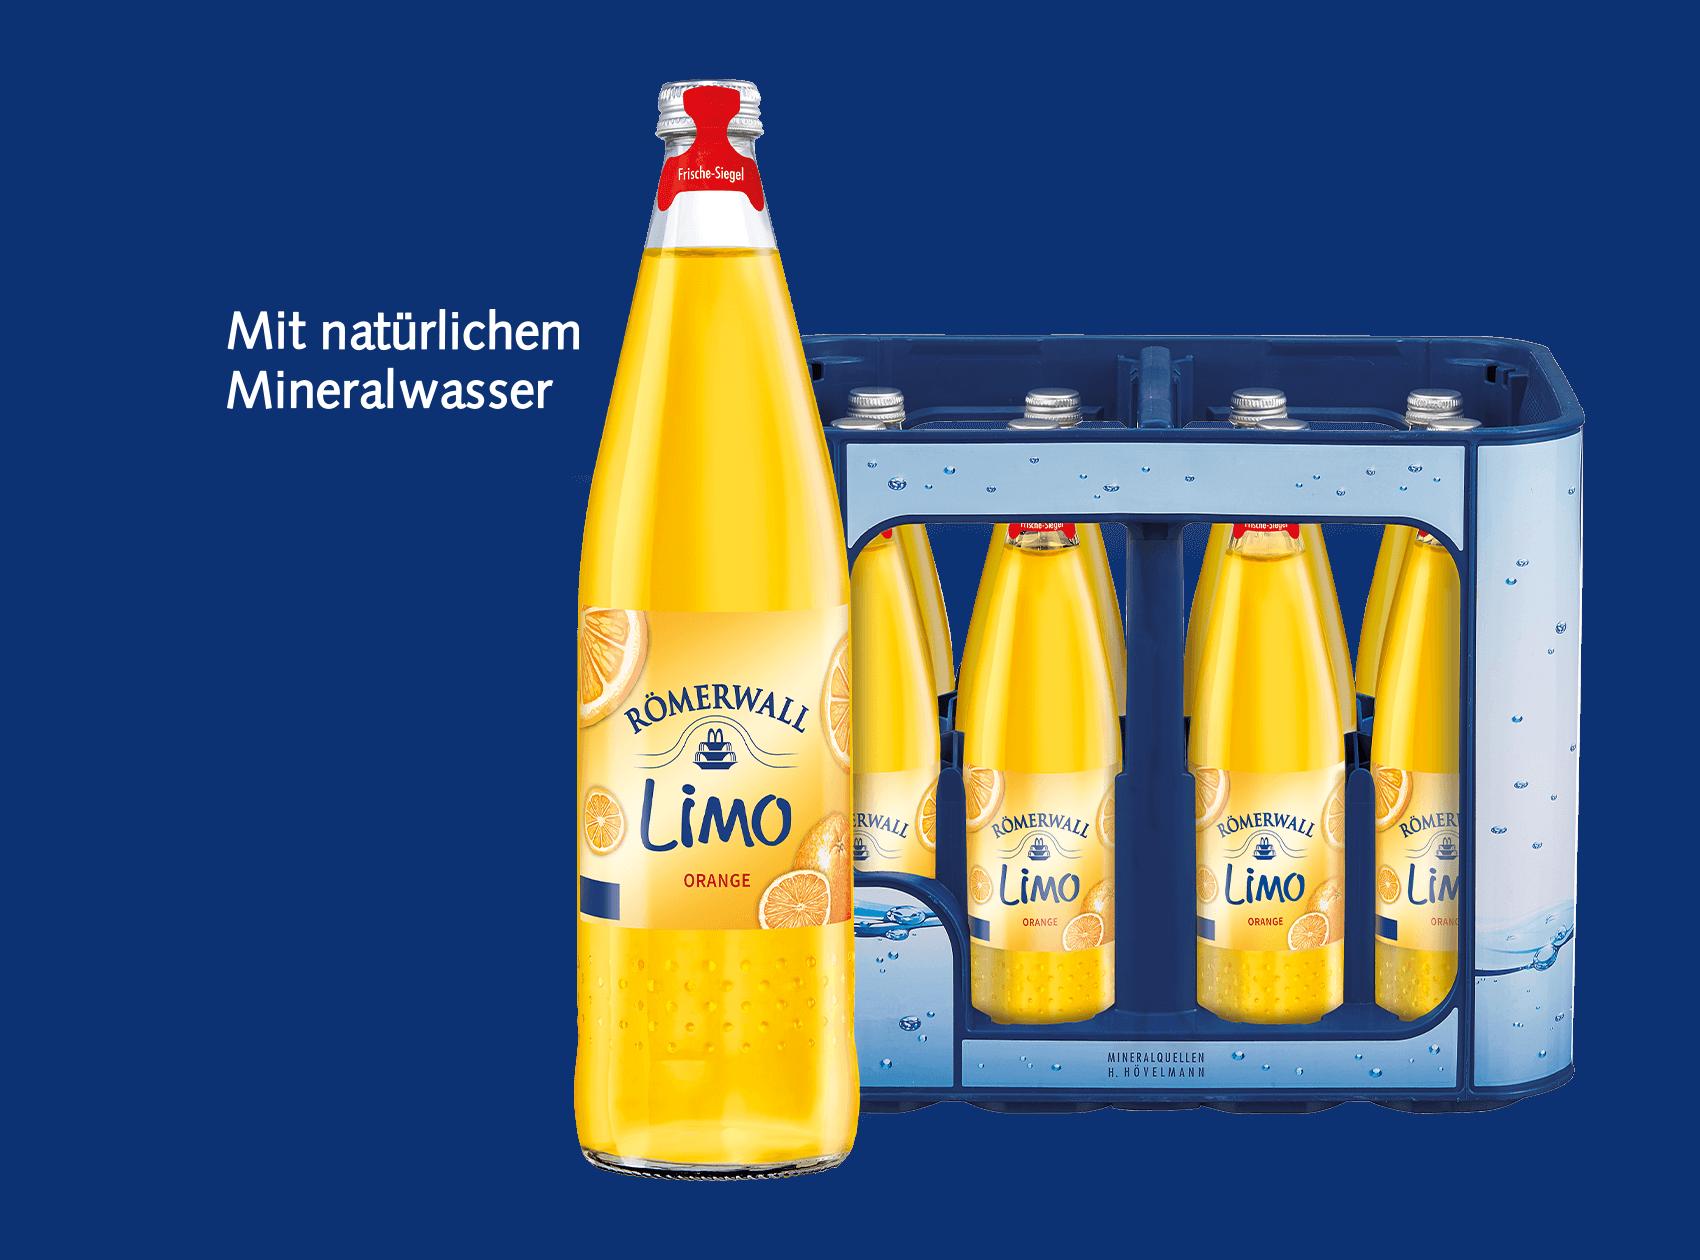 12 x 0,75 L GDB-Glas-Mehrweg